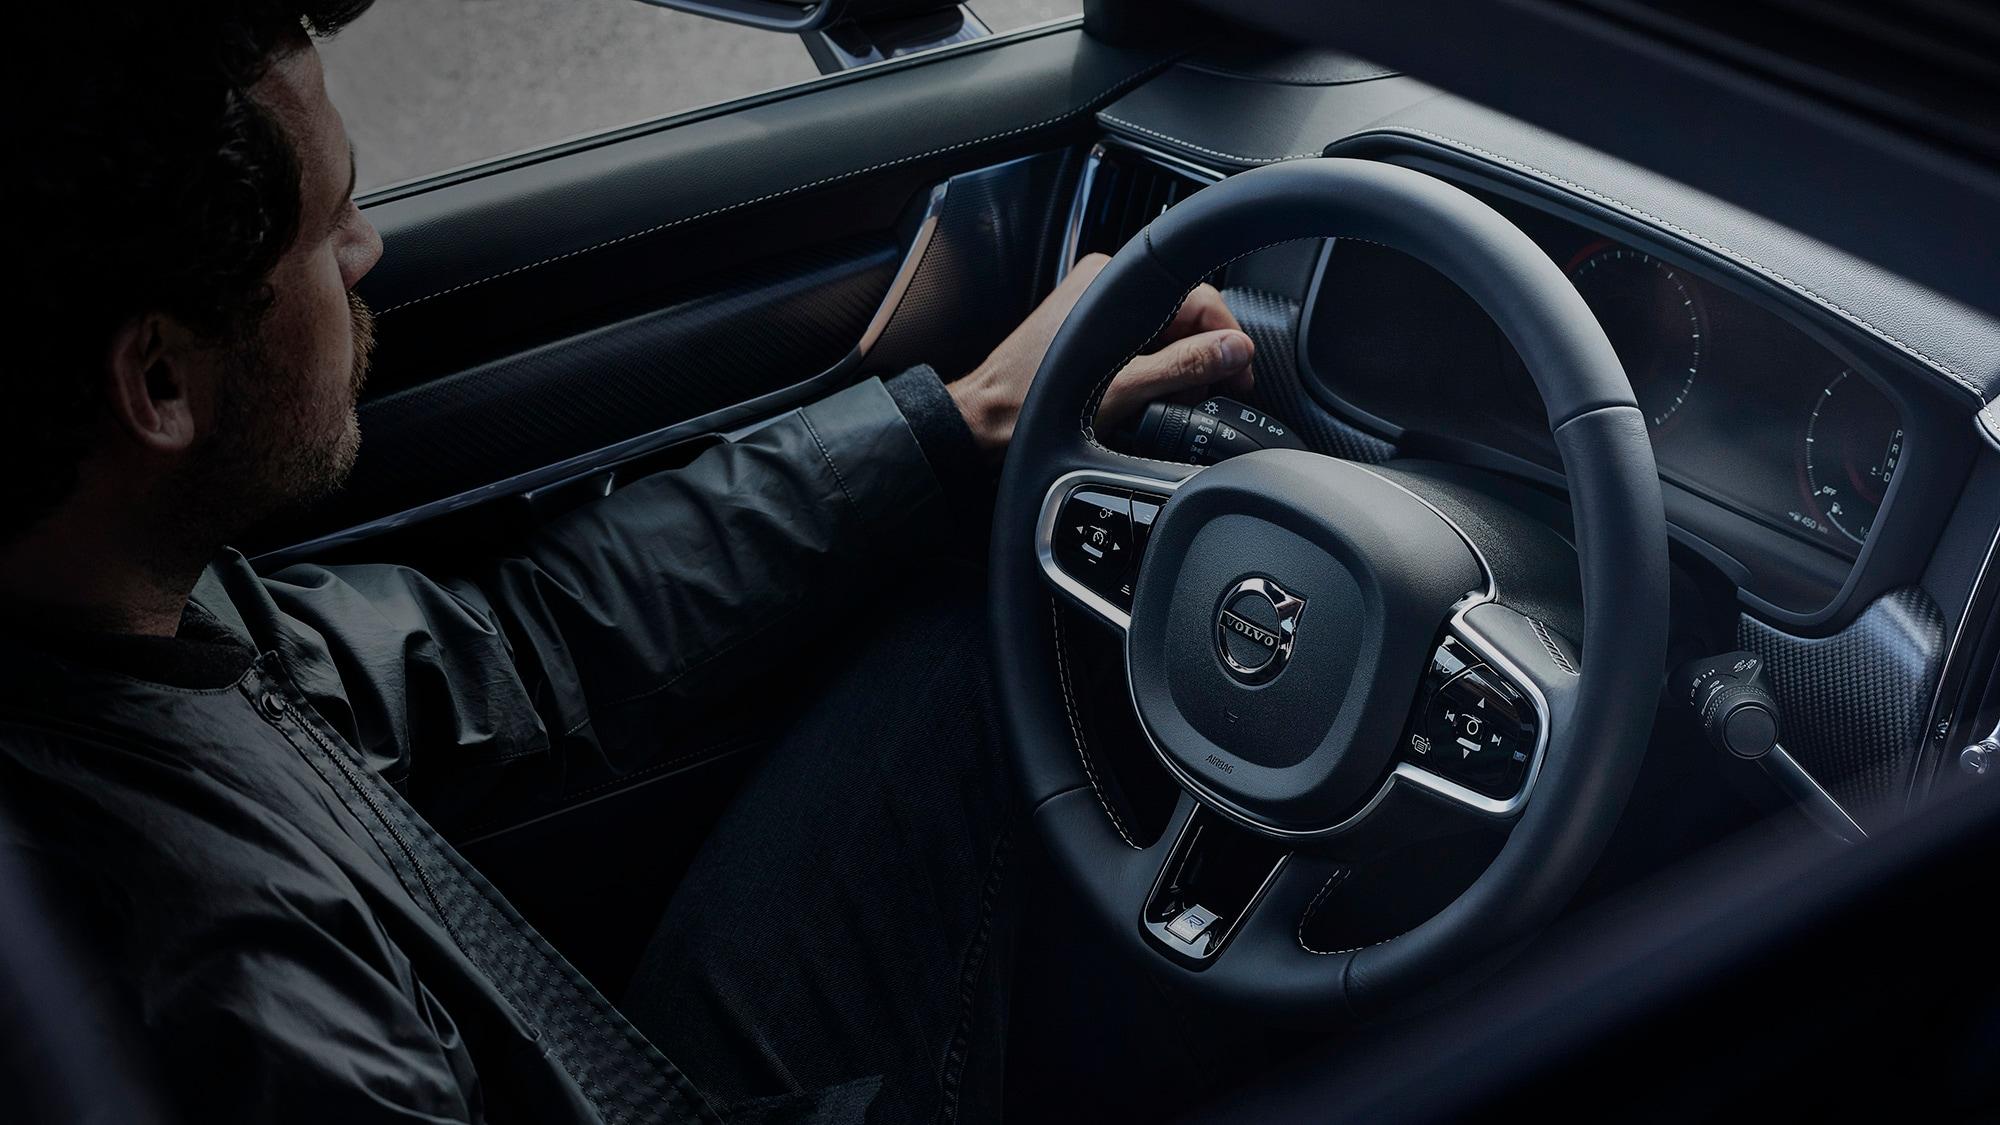 Оновлення технологій безпеки для автомобілів 2016-2018 модельного року - Фото